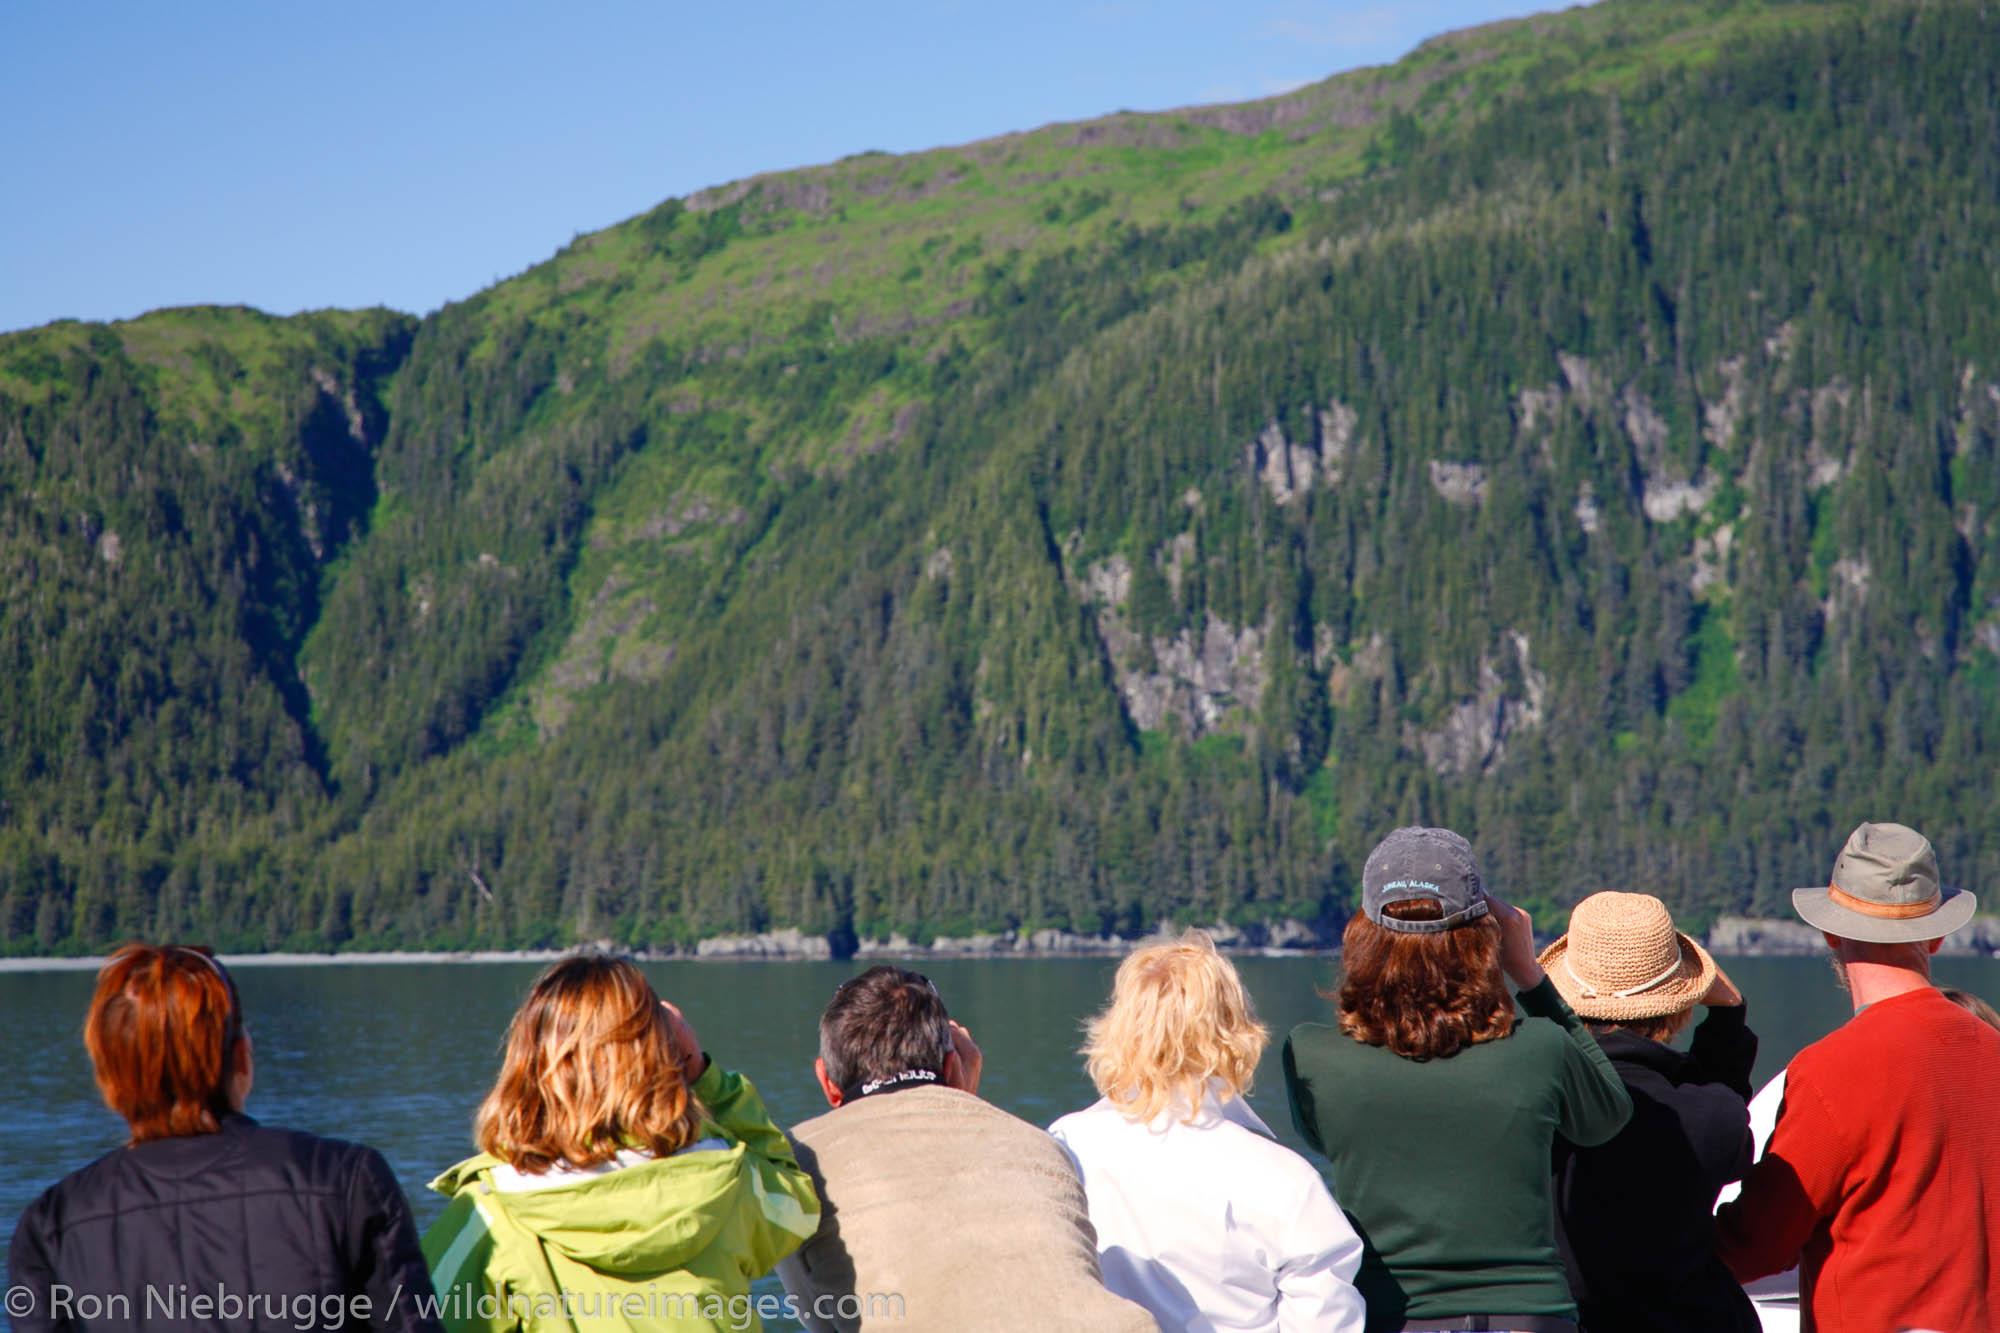 Alaska Marine Highway, M/V Aurora, Prince William Sound, Chugach National Forest, Alaska.